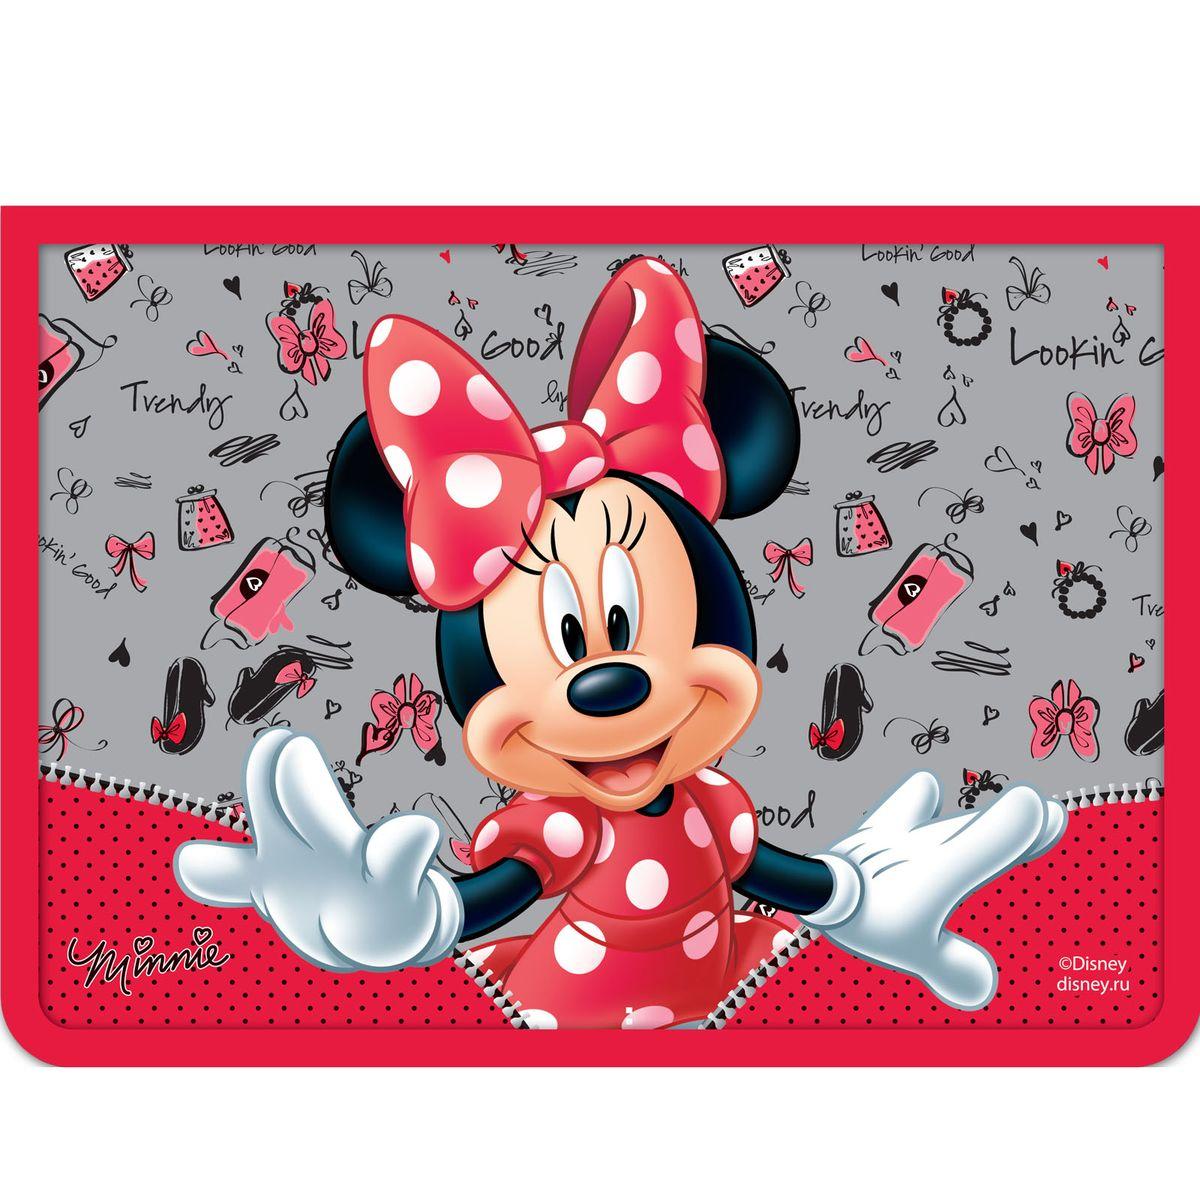 Disney Папка для тетрадей Минни цвет красный серый формат А429390Папка Disney Минни формата А4 - это оптимальный способ уберечь от деформации тетради, документы, рисунки и прочие бумаги. С ней можно забыть о погнутых уголках и краях. Кроме того, теперь все необходимые бумаги и тетради будут аккуратно собраны, а не распределены по разным местам, что сократит время их поиска. Аксессуар, изготовленный из ламинированного картона с ярким принтом, ПВХ и полиэстера, закрывается на молнию. Одна стенка папки прозрачна, что позволяет видеть содержимое в ней и быстрее отыскать нужный предмет. Безукоризненный стиль Минни Маус восхищает девочек по всему миру, поэтому никакая юная модница не устоит перед красивым и удобным аксессуаром с ее изображением.